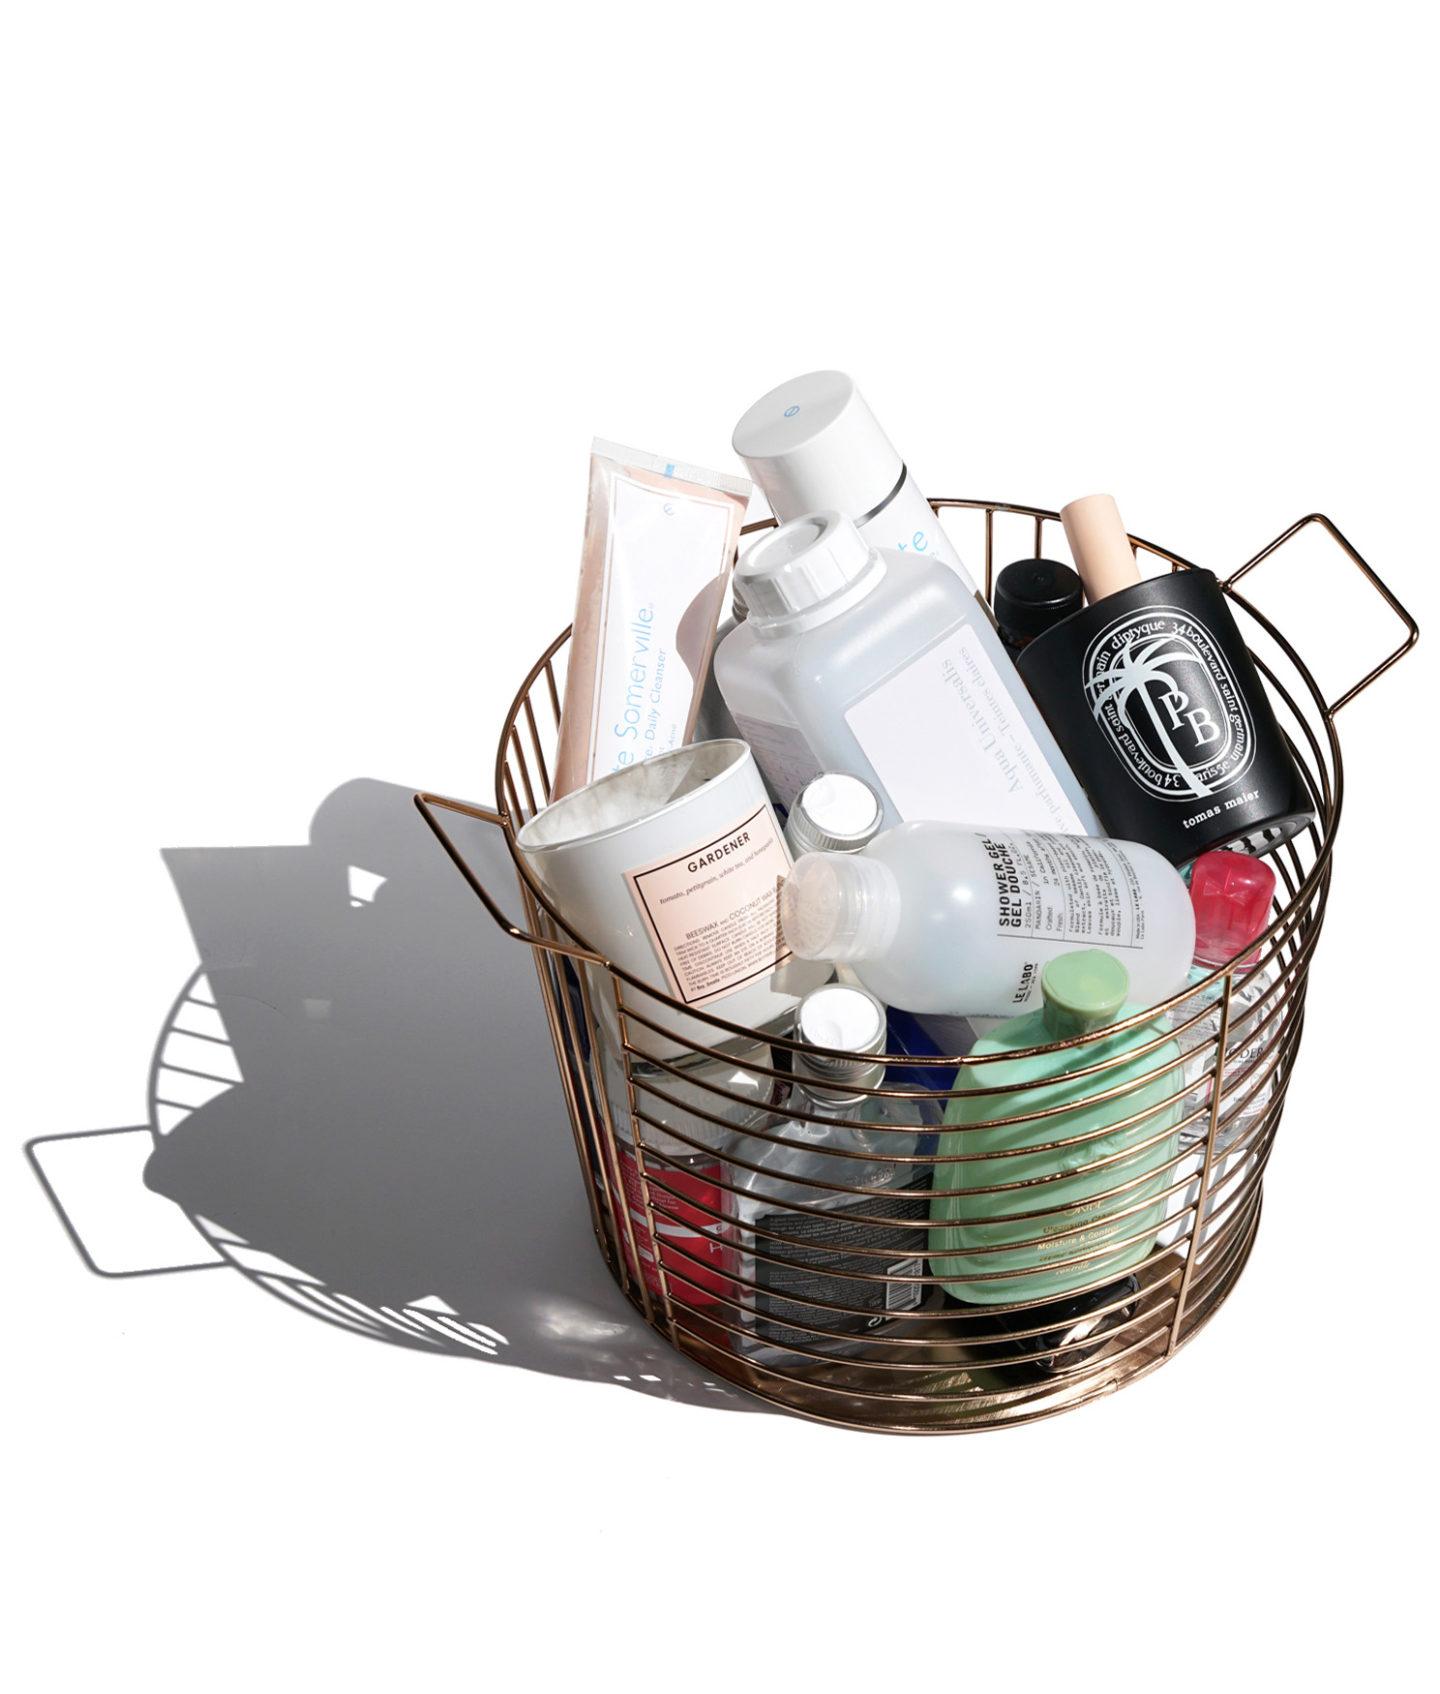 Empties de beauté Utilisé Up Produits | Le livre de beauté Look